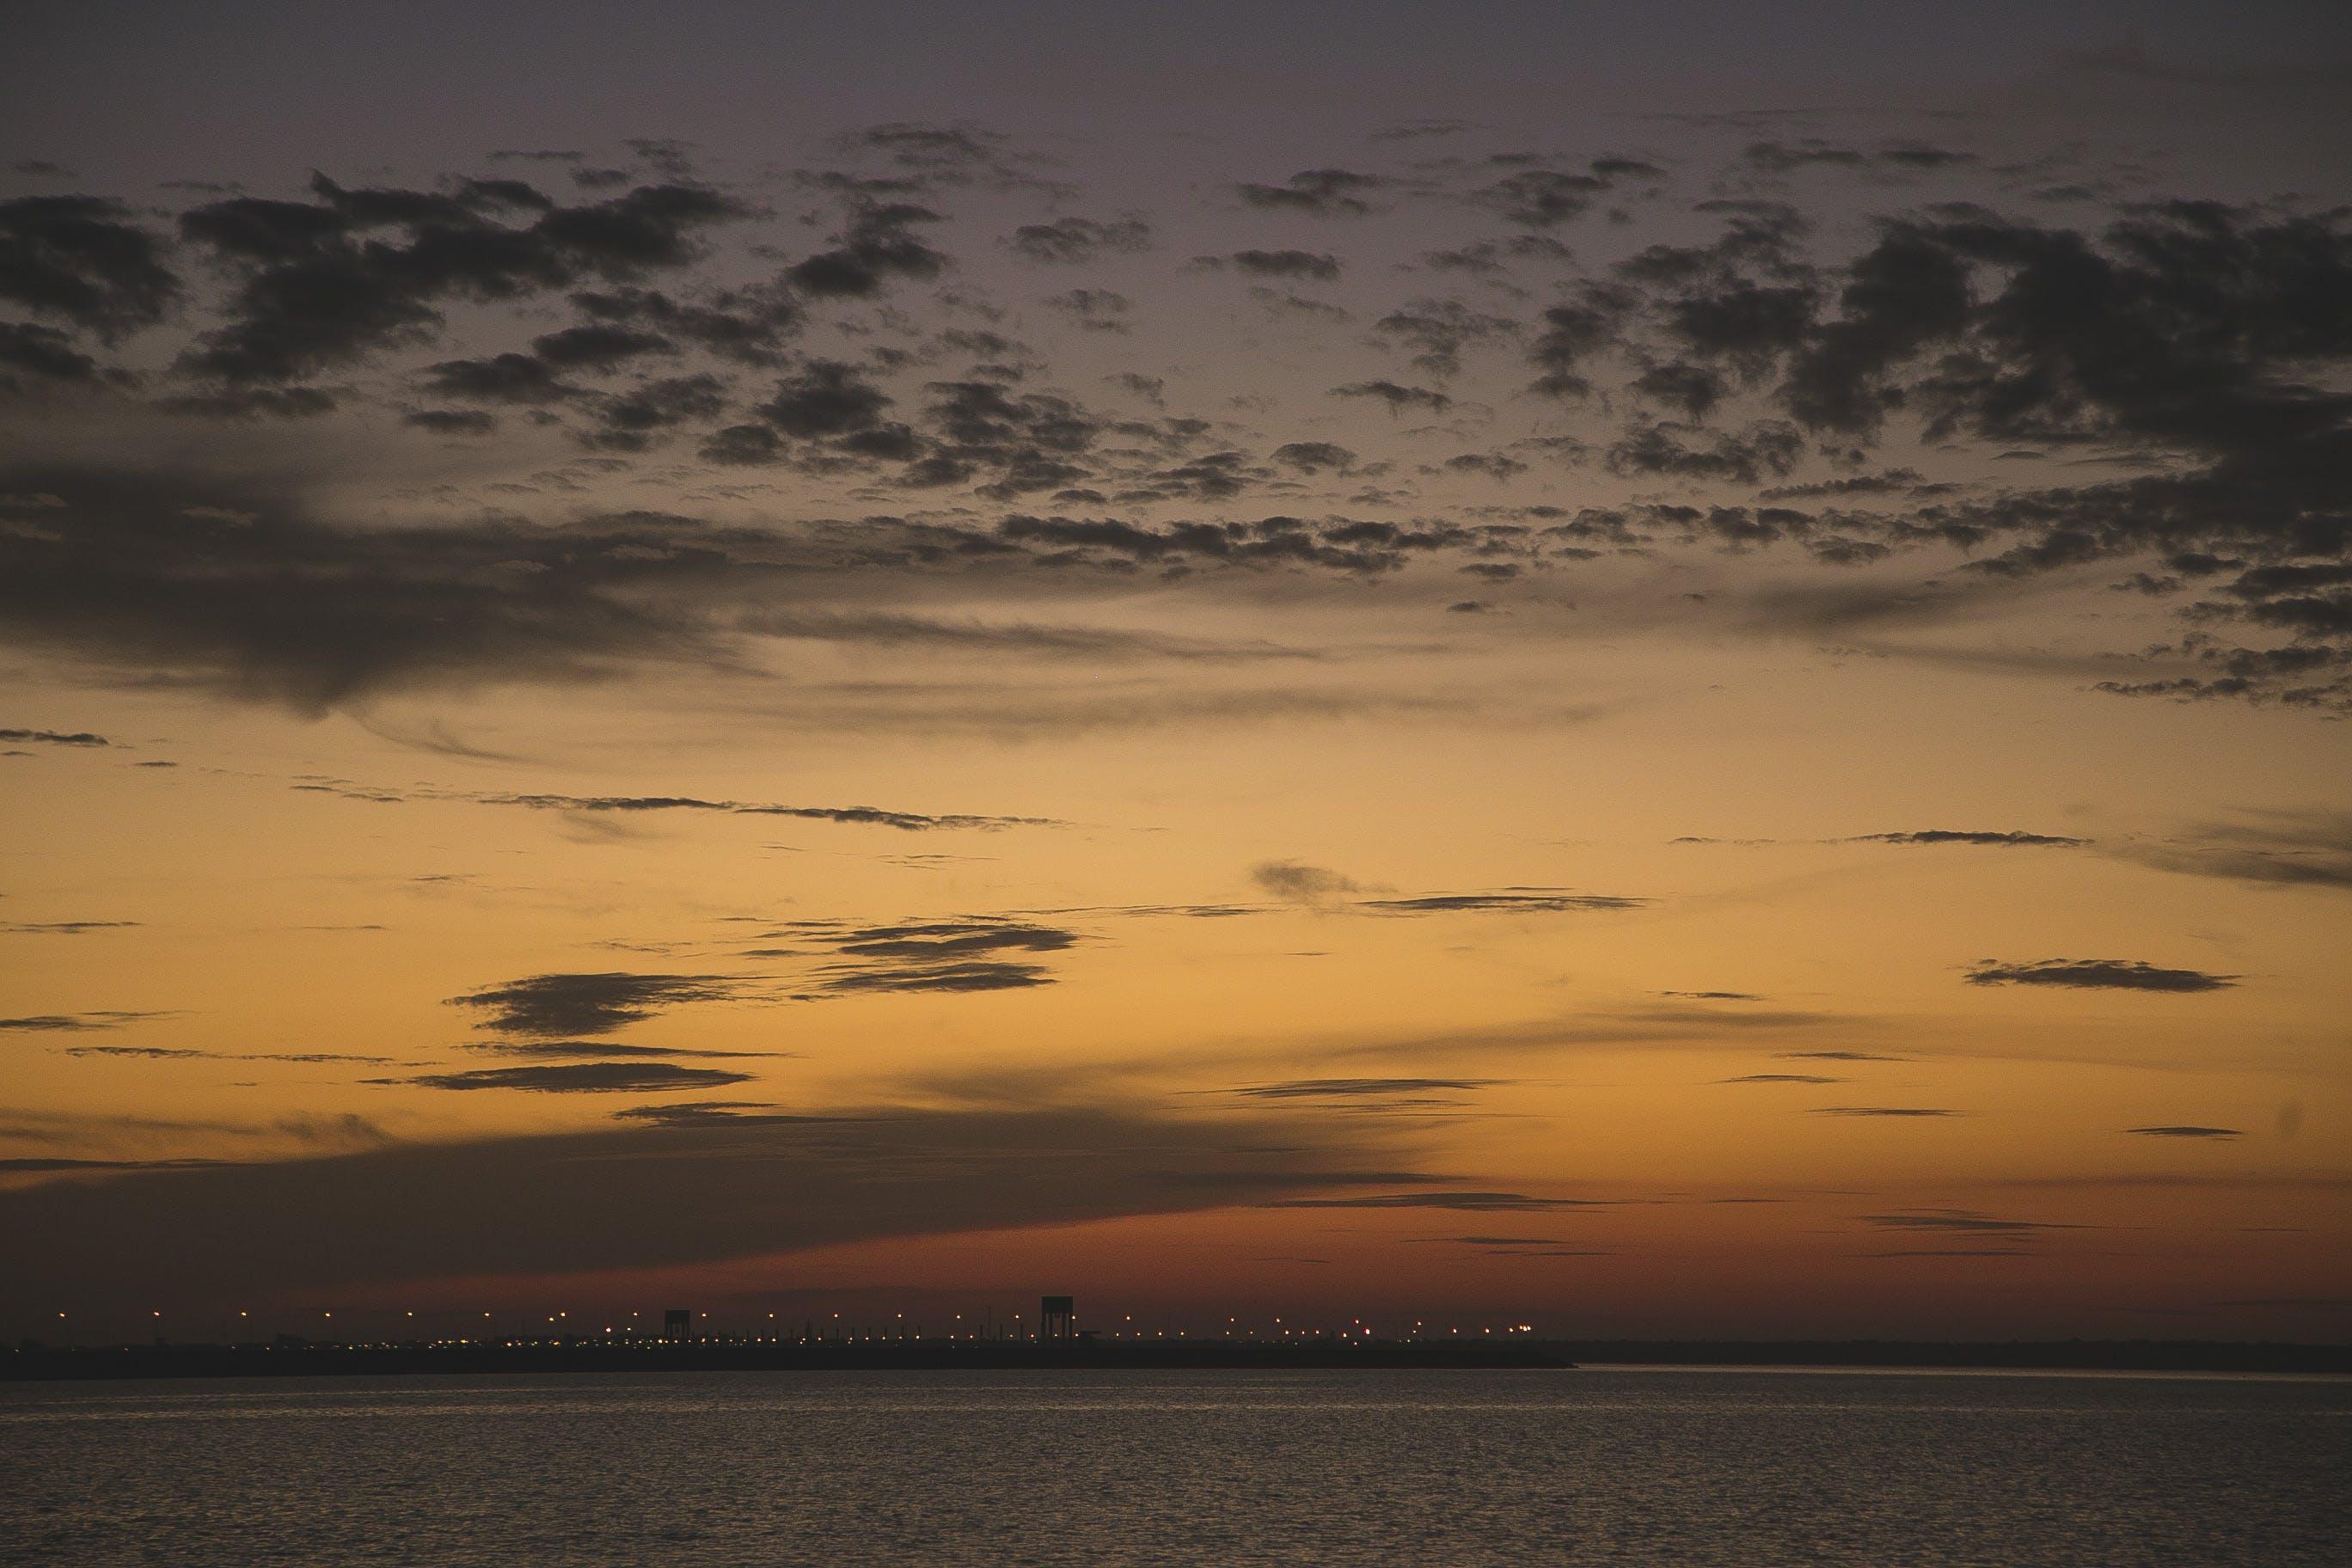 Free stock photo of sunset, golden sunset, itaipu dam